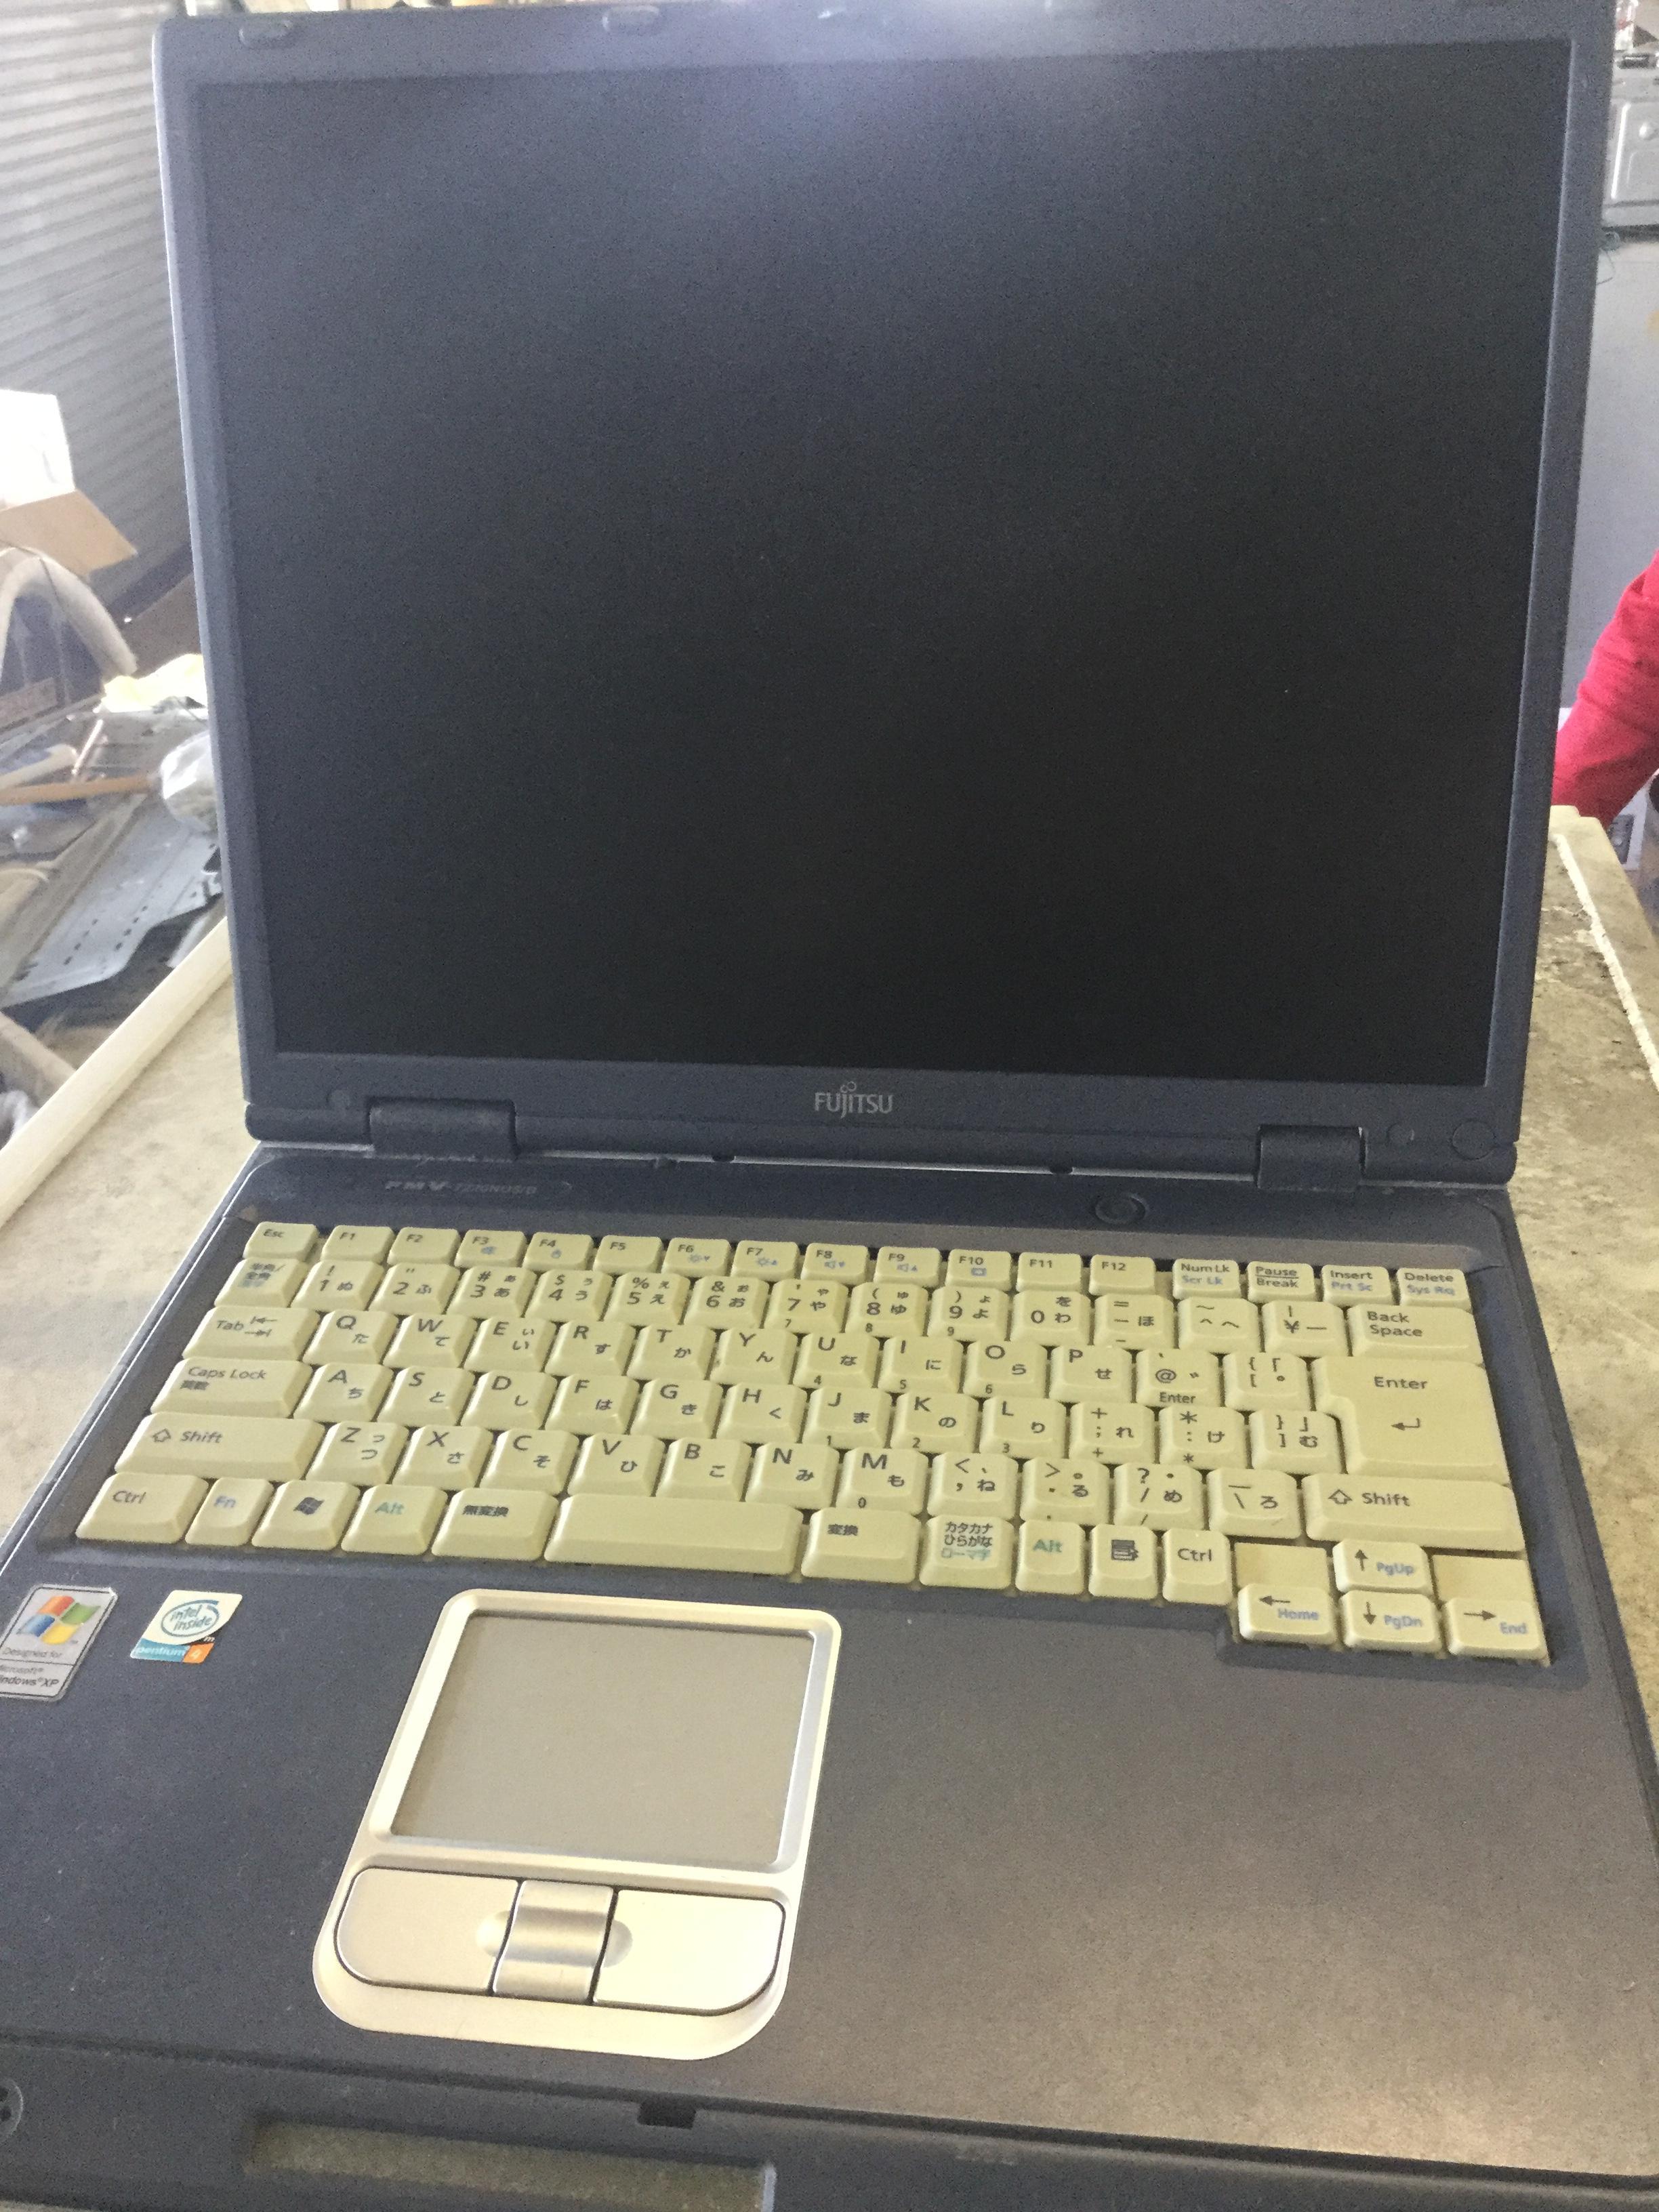 ノートパソコンです。